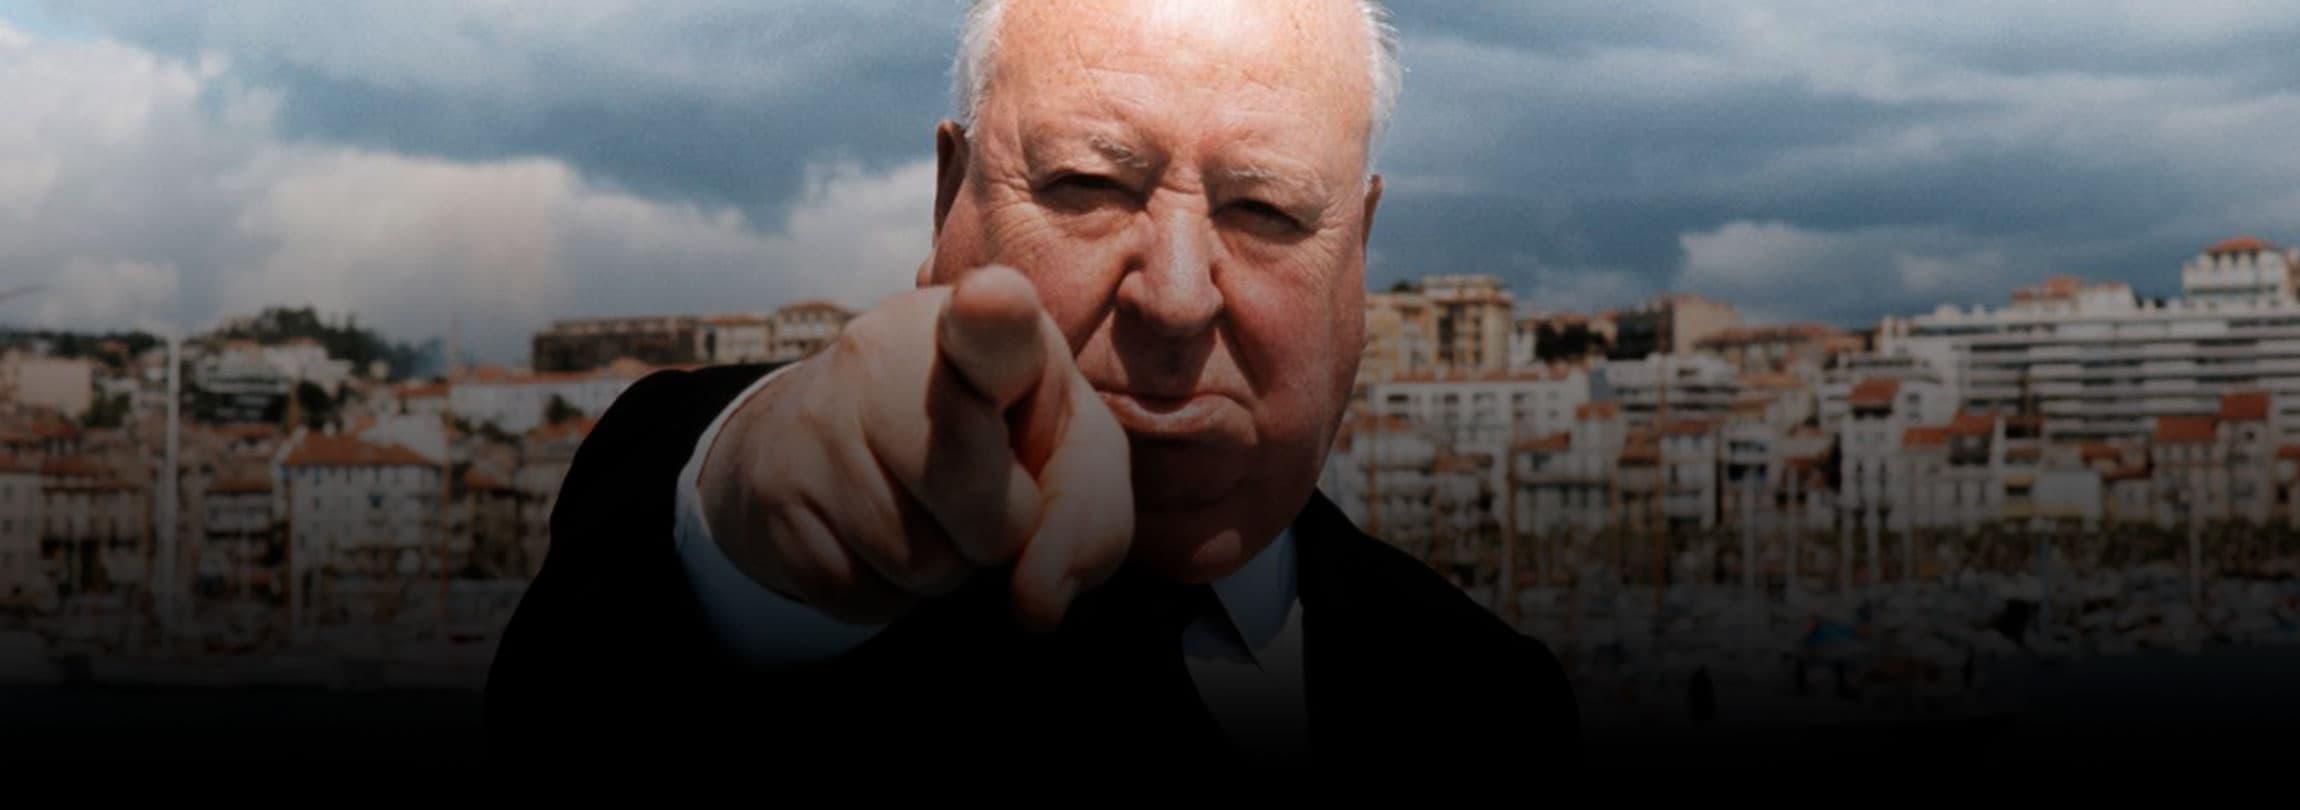 Sacerdote recorda conversão de Alfred Hitchcock ao final de sua vida